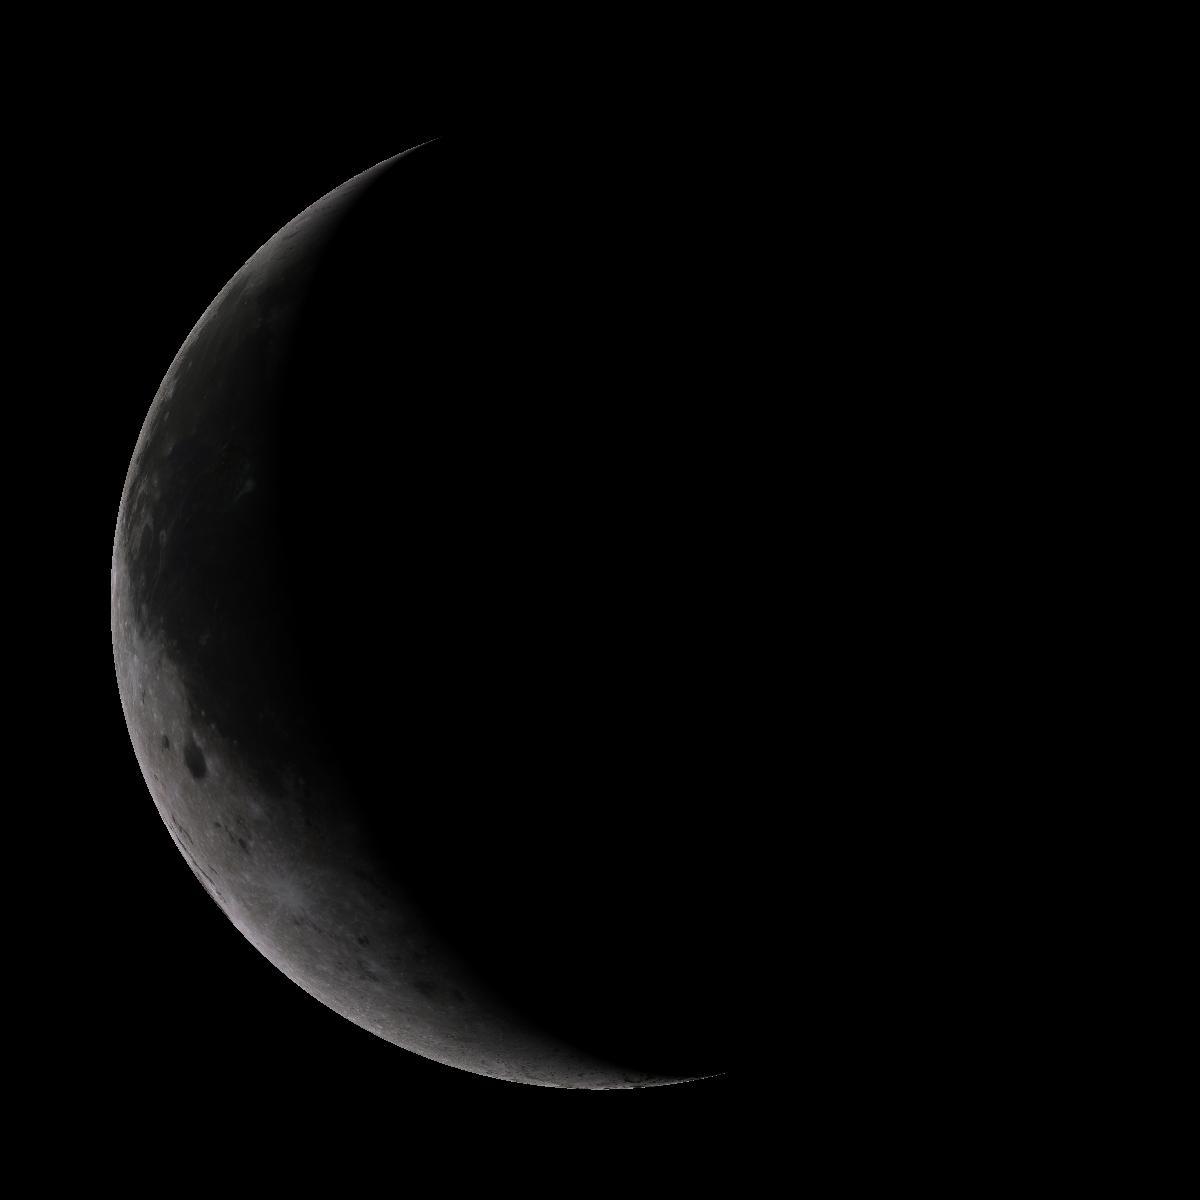 Lune du 25 septembre 2019